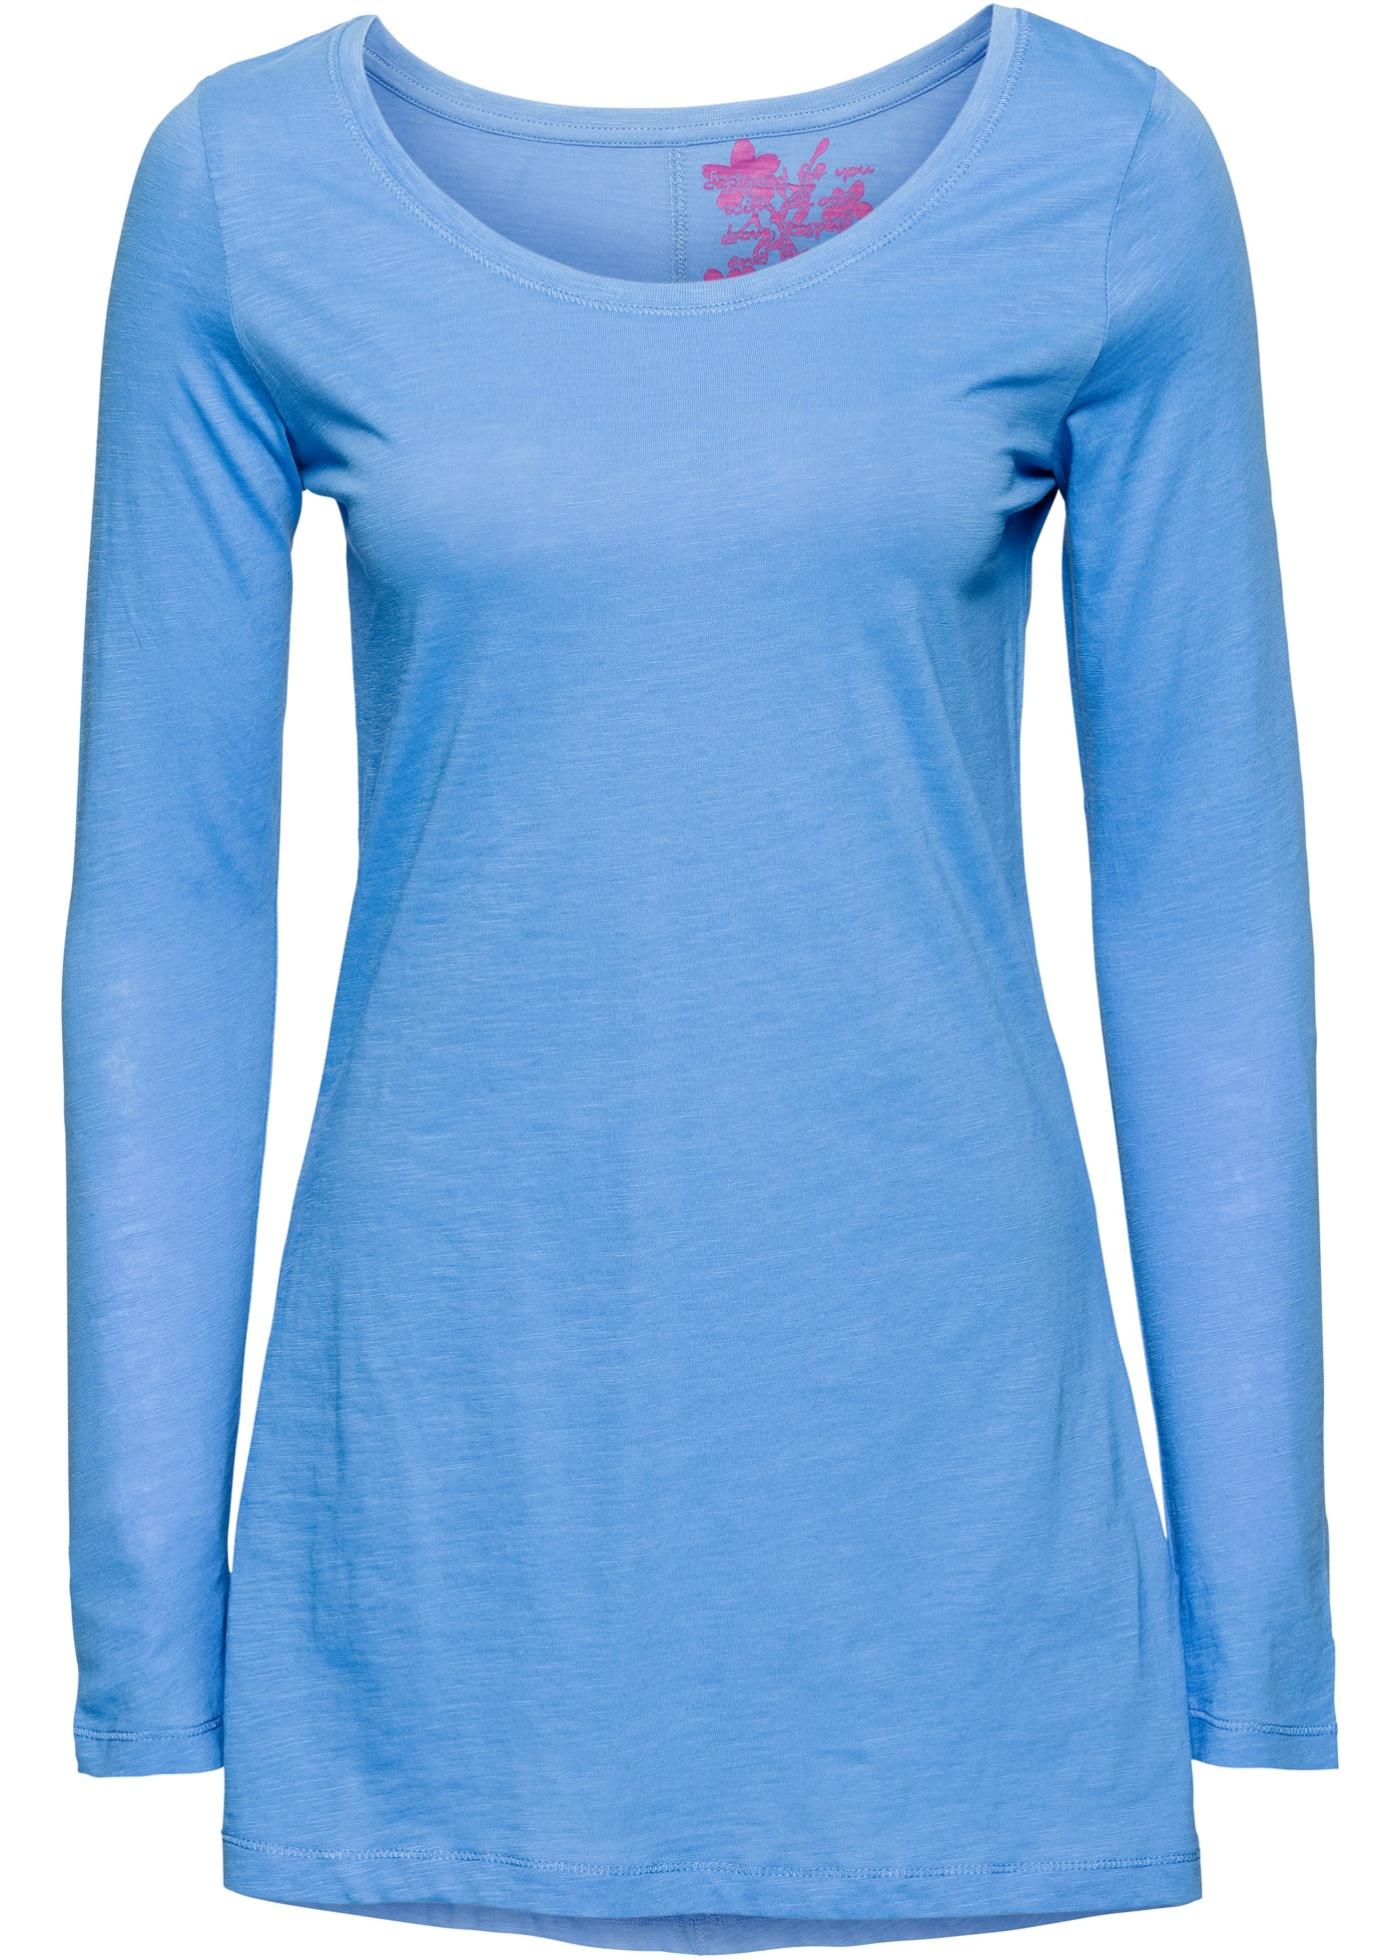 Bleu Manches Pour Femme BonprixT Long Rainbow shirt Longues l1Kc3JuTF5